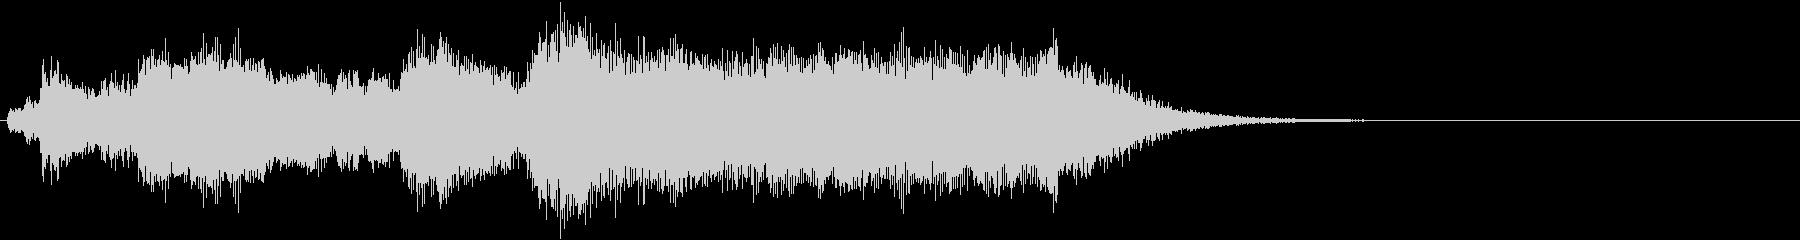 オーソドックスな金管ファンファーレの未再生の波形